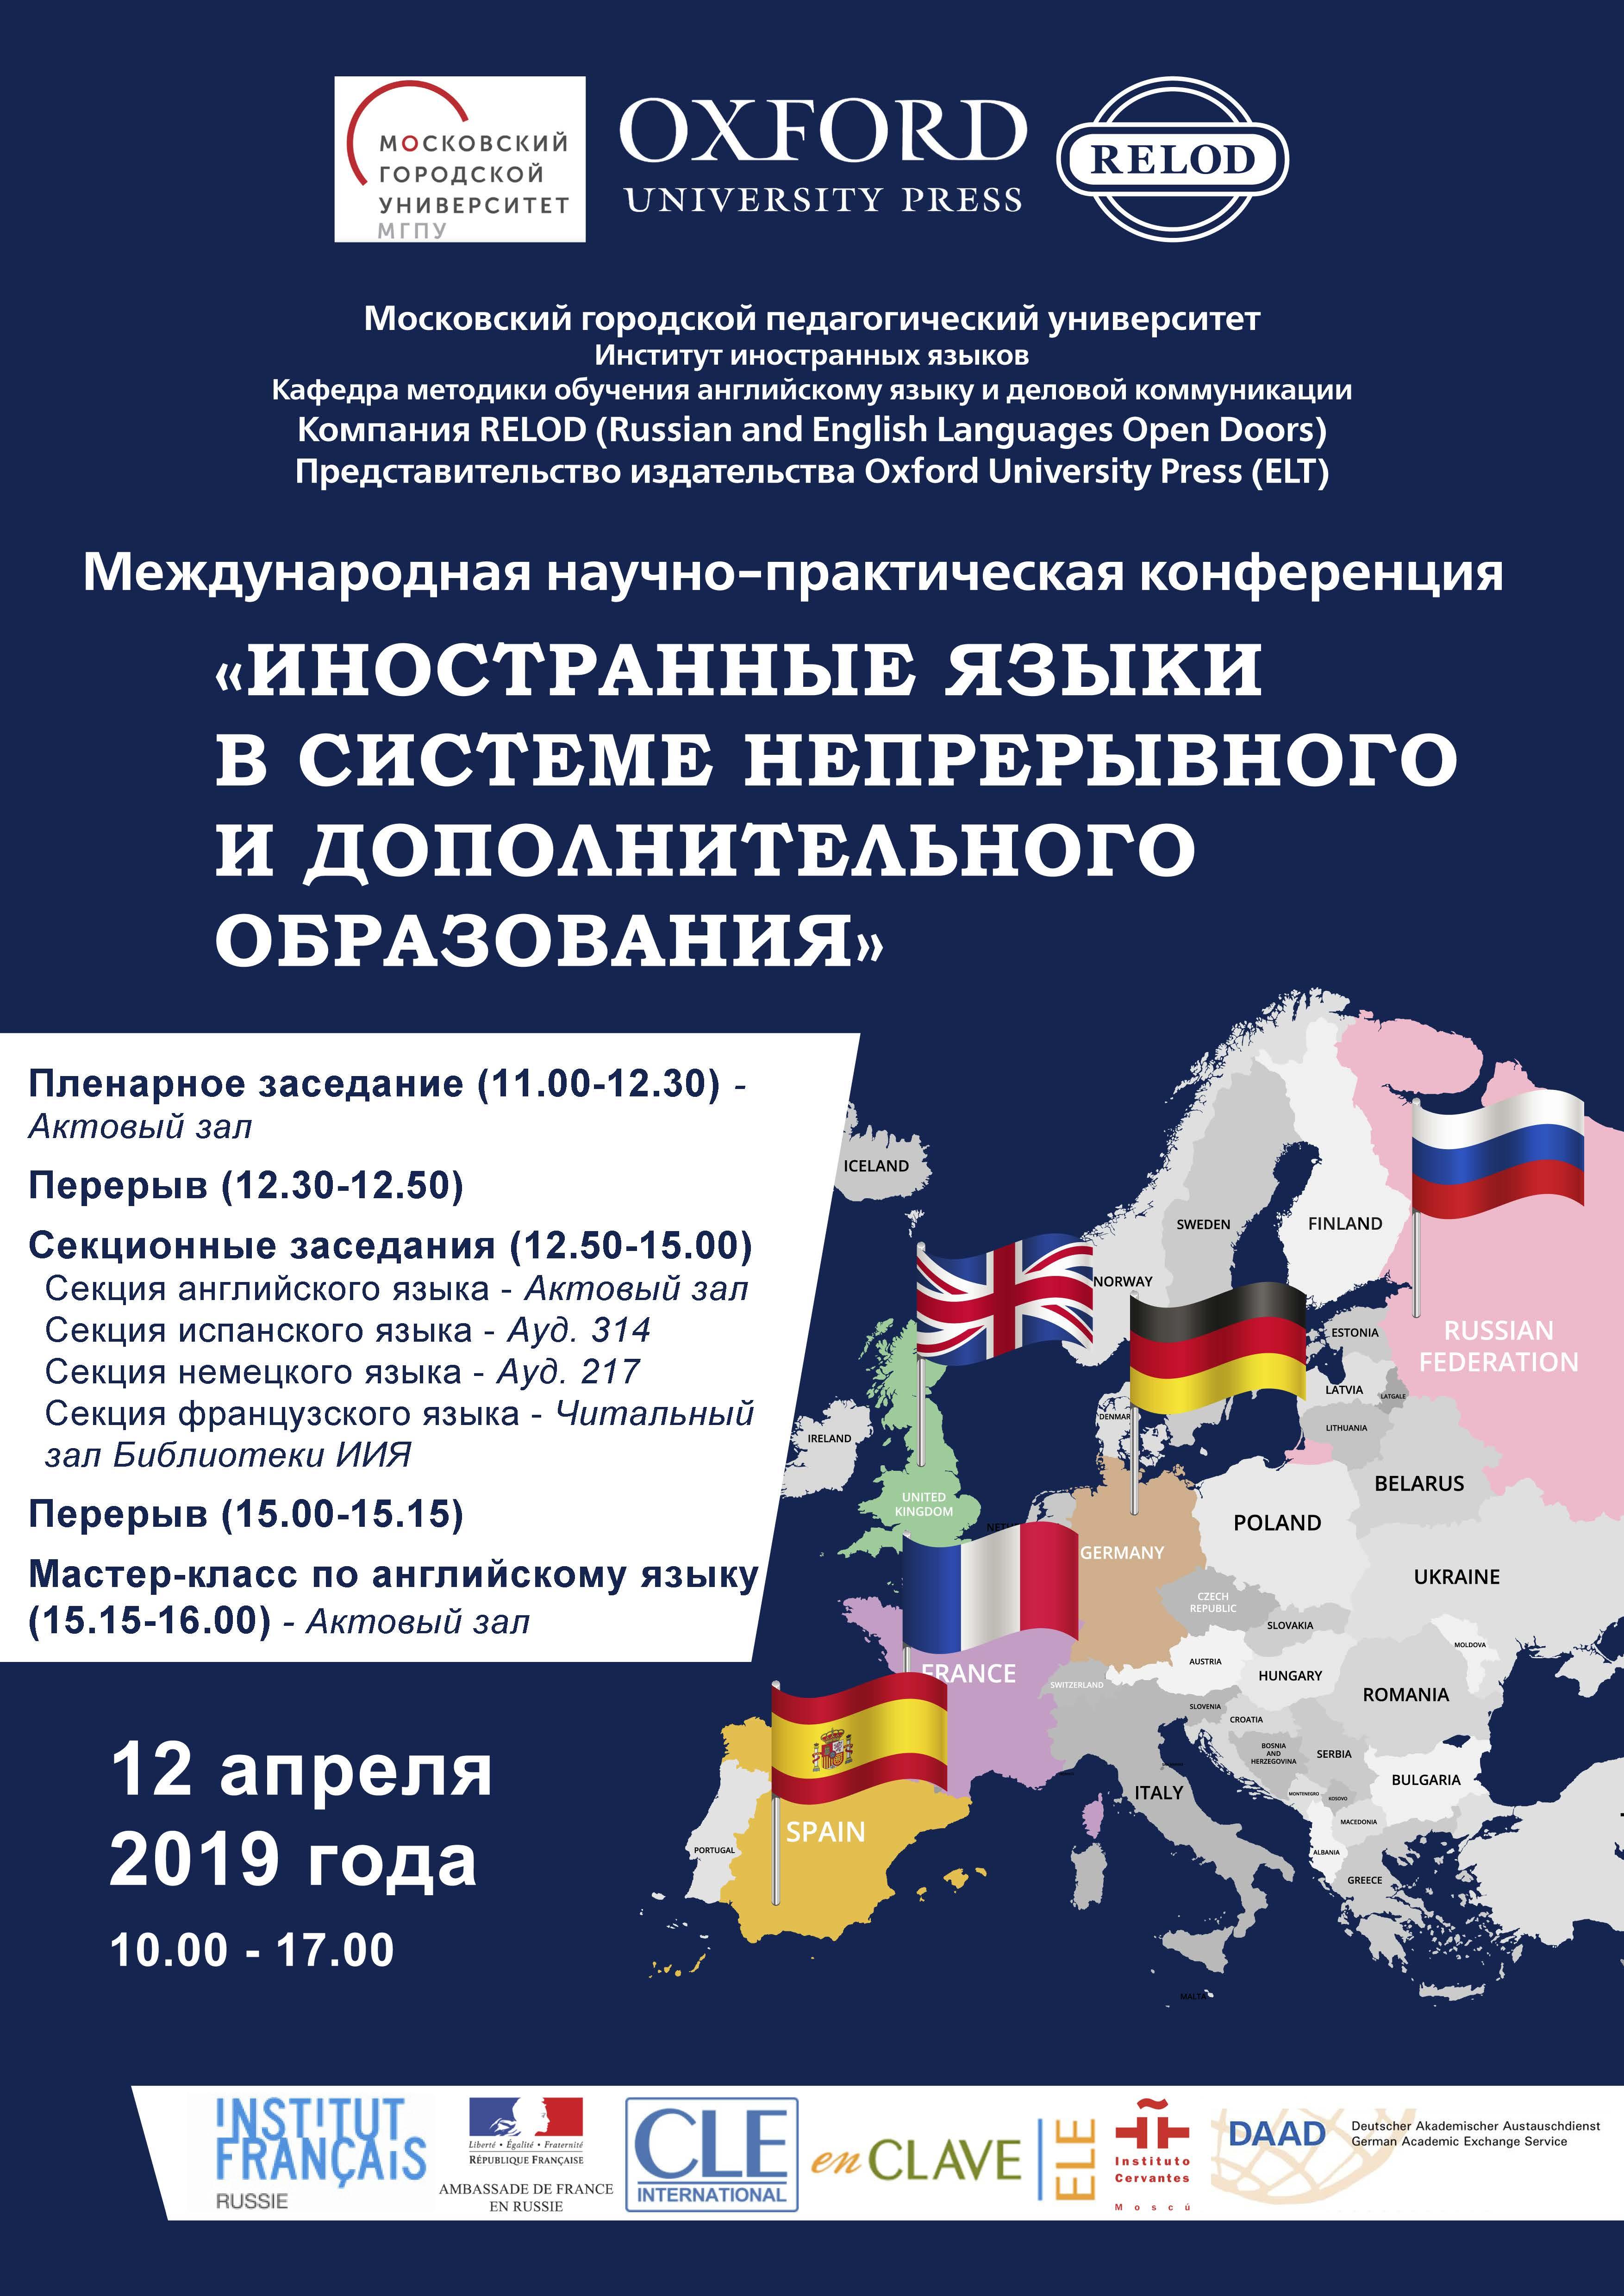 Международная научно-практическая конференция в ИИЯ